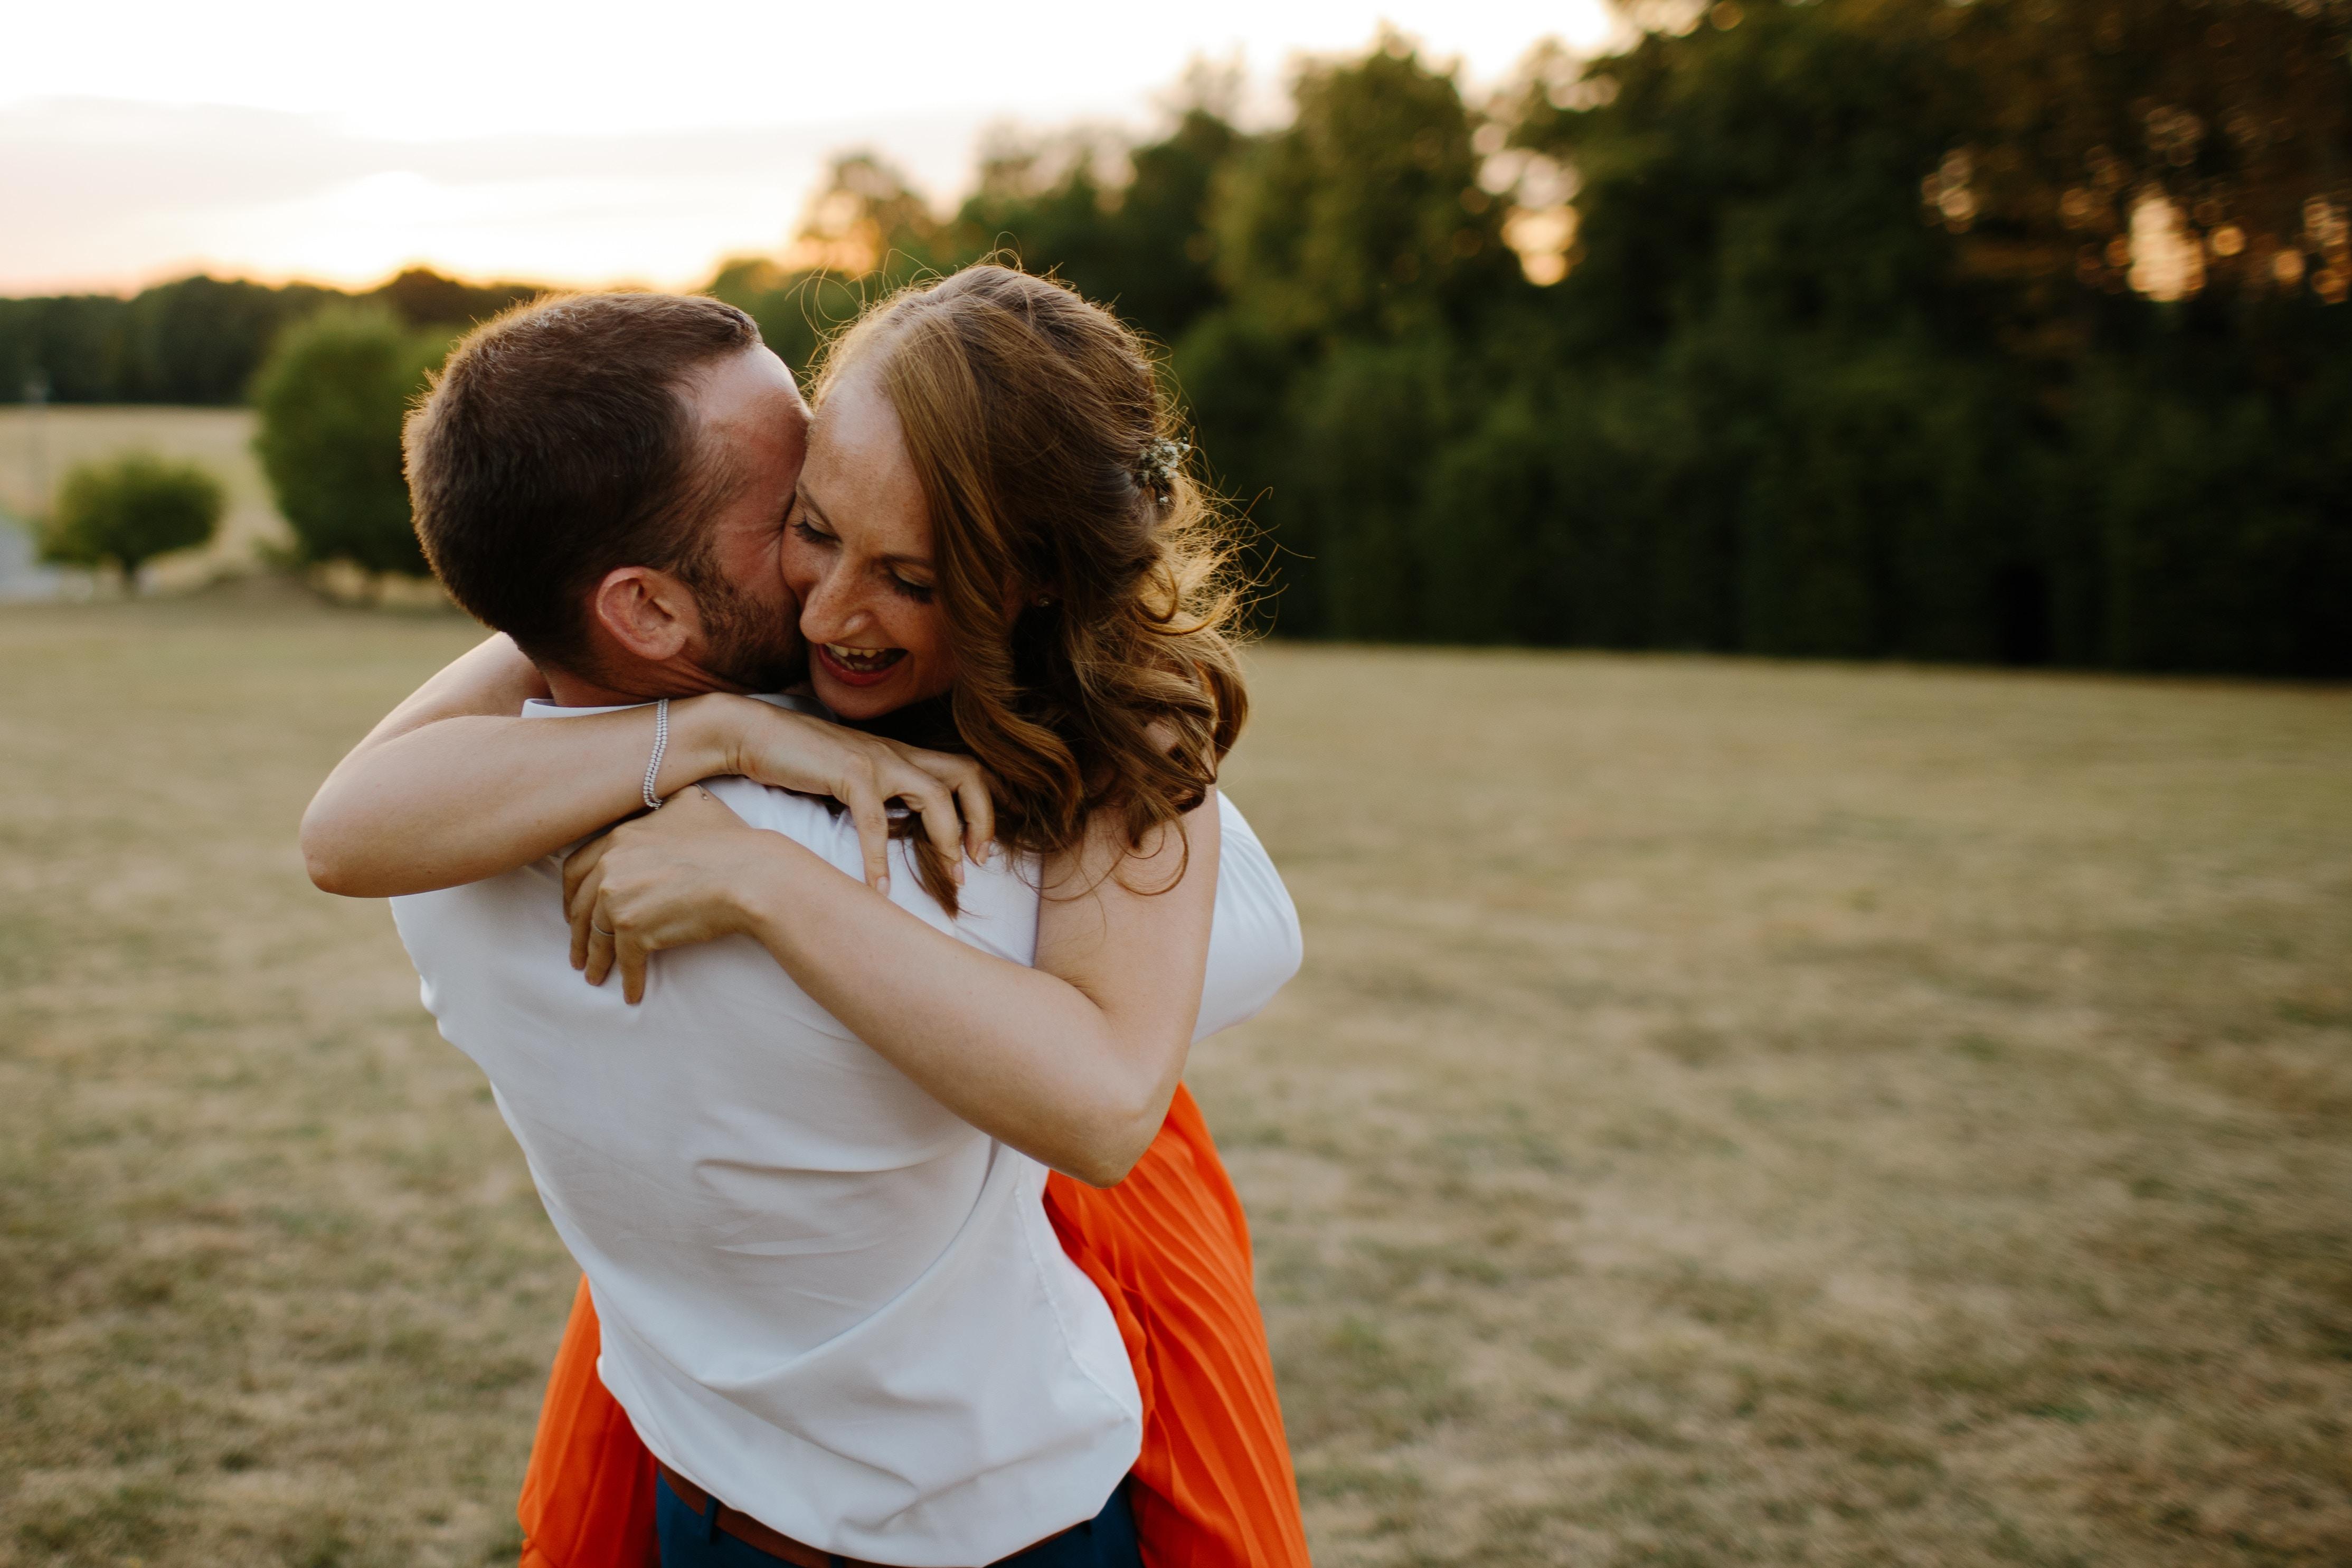 友達から恋人になる方法!5つのステップをご紹介